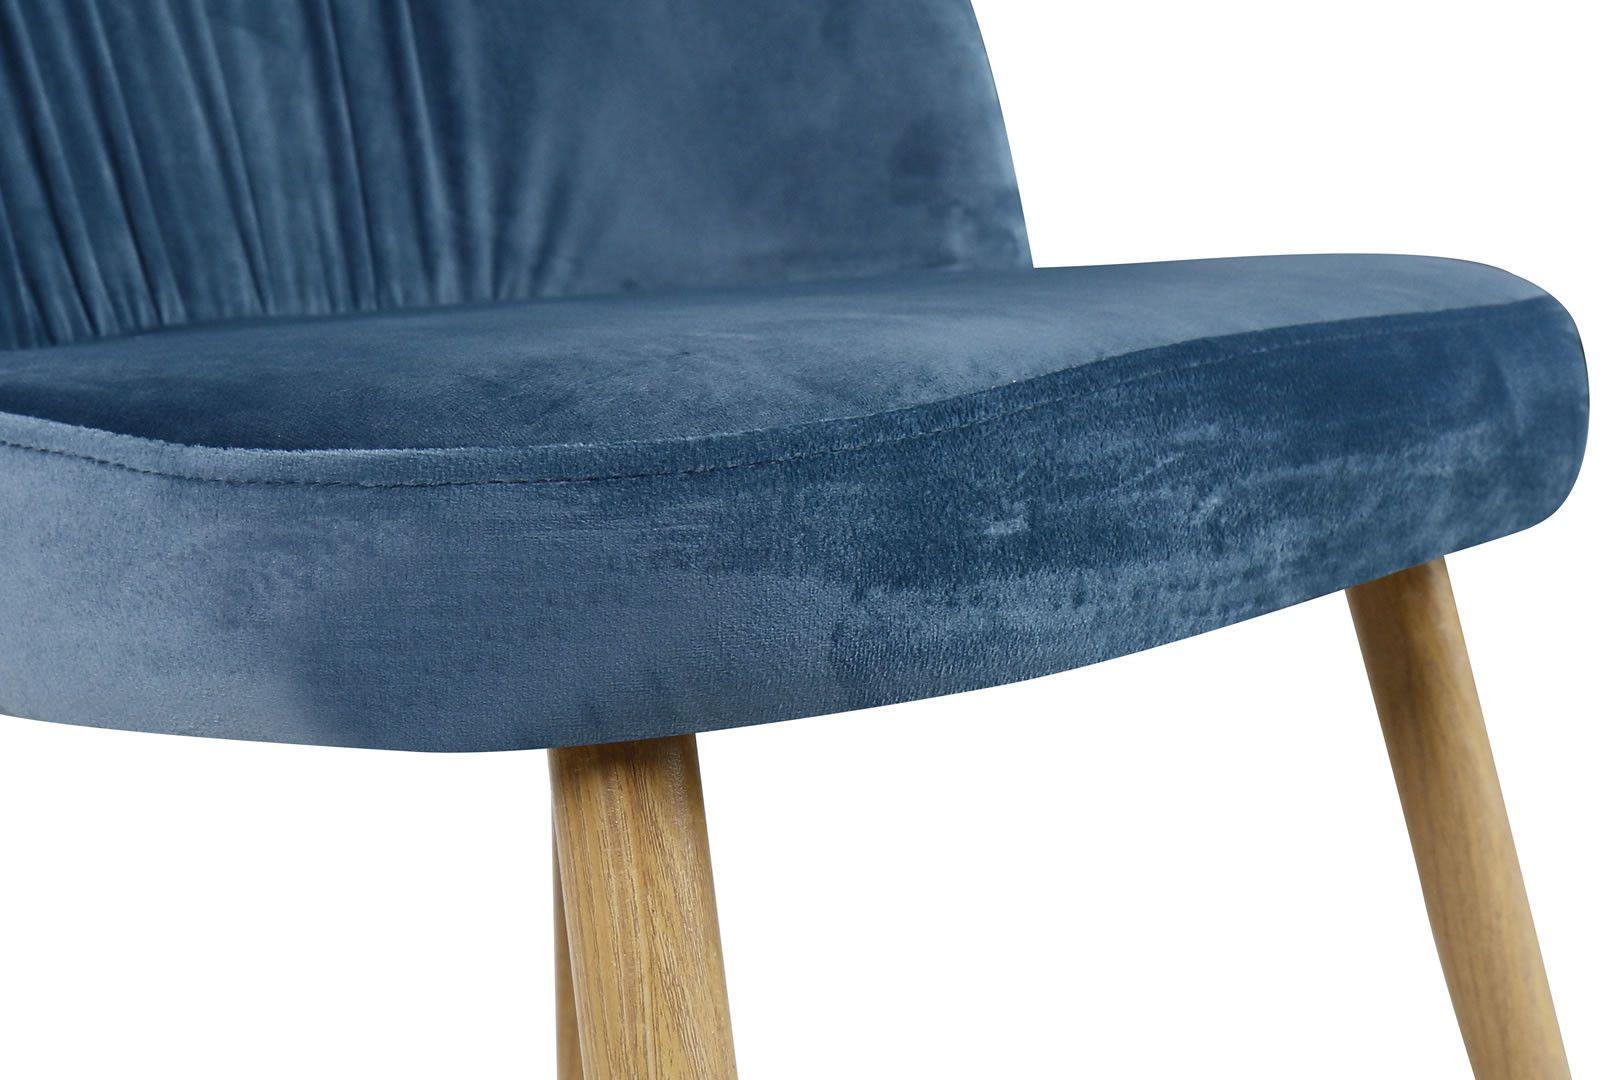 Velours De Scandinave Rétro Bleu Chaises Plissé Lot 4 Pieds Jody 7b6gyf